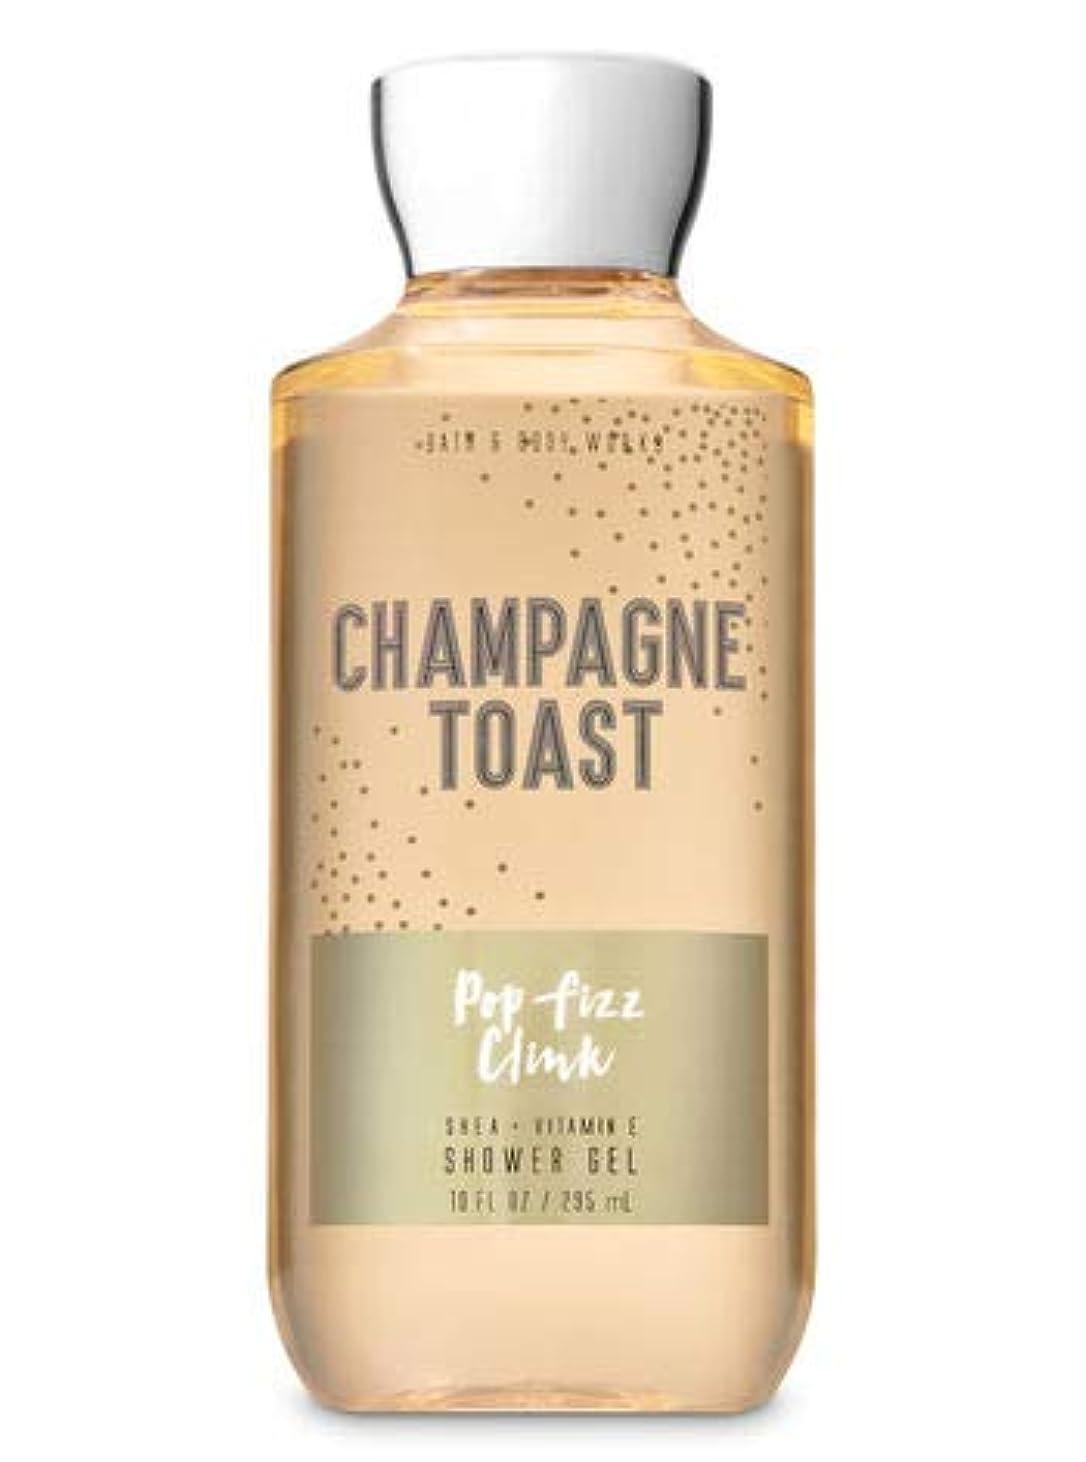 献身ストッキングスラム【Bath&Body Works/バス&ボディワークス】 シャワージェル シャンパントースト Shower Gel Champagne Toast 10 fl oz / 295 mL [並行輸入品]